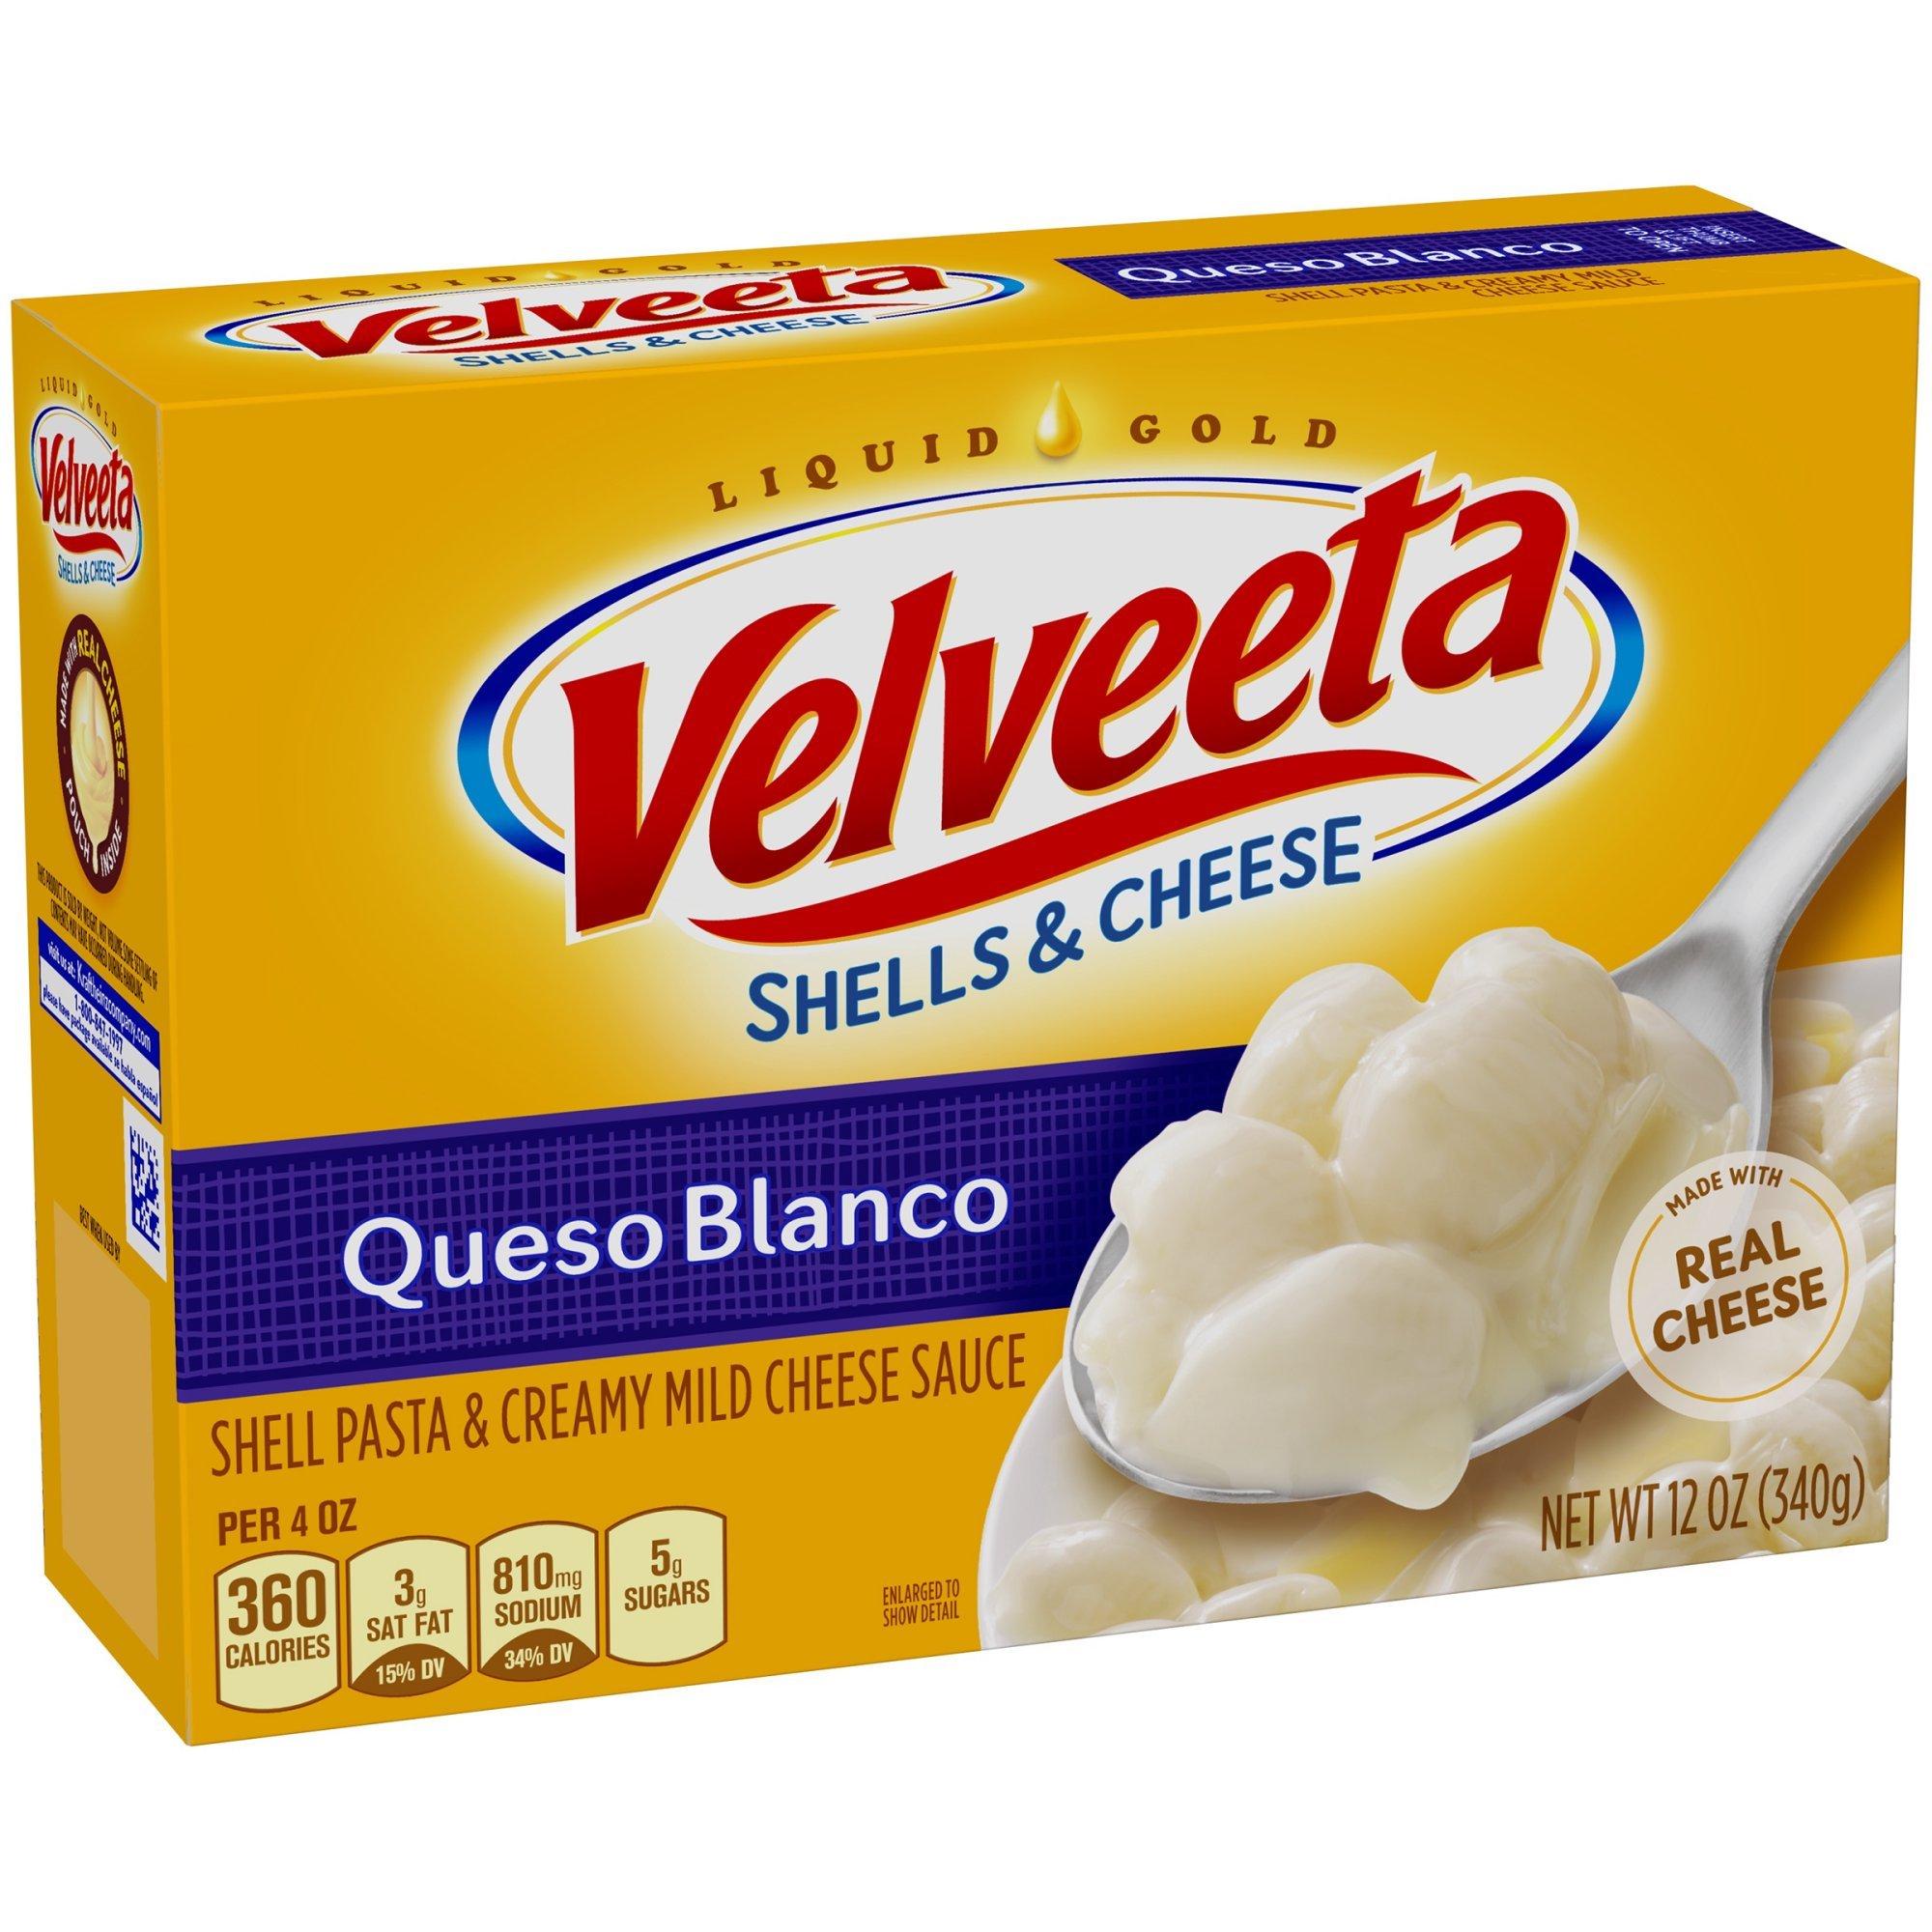 Velveeta Queso Blanco Shells & Cheese 12 oz (Pack of 4)